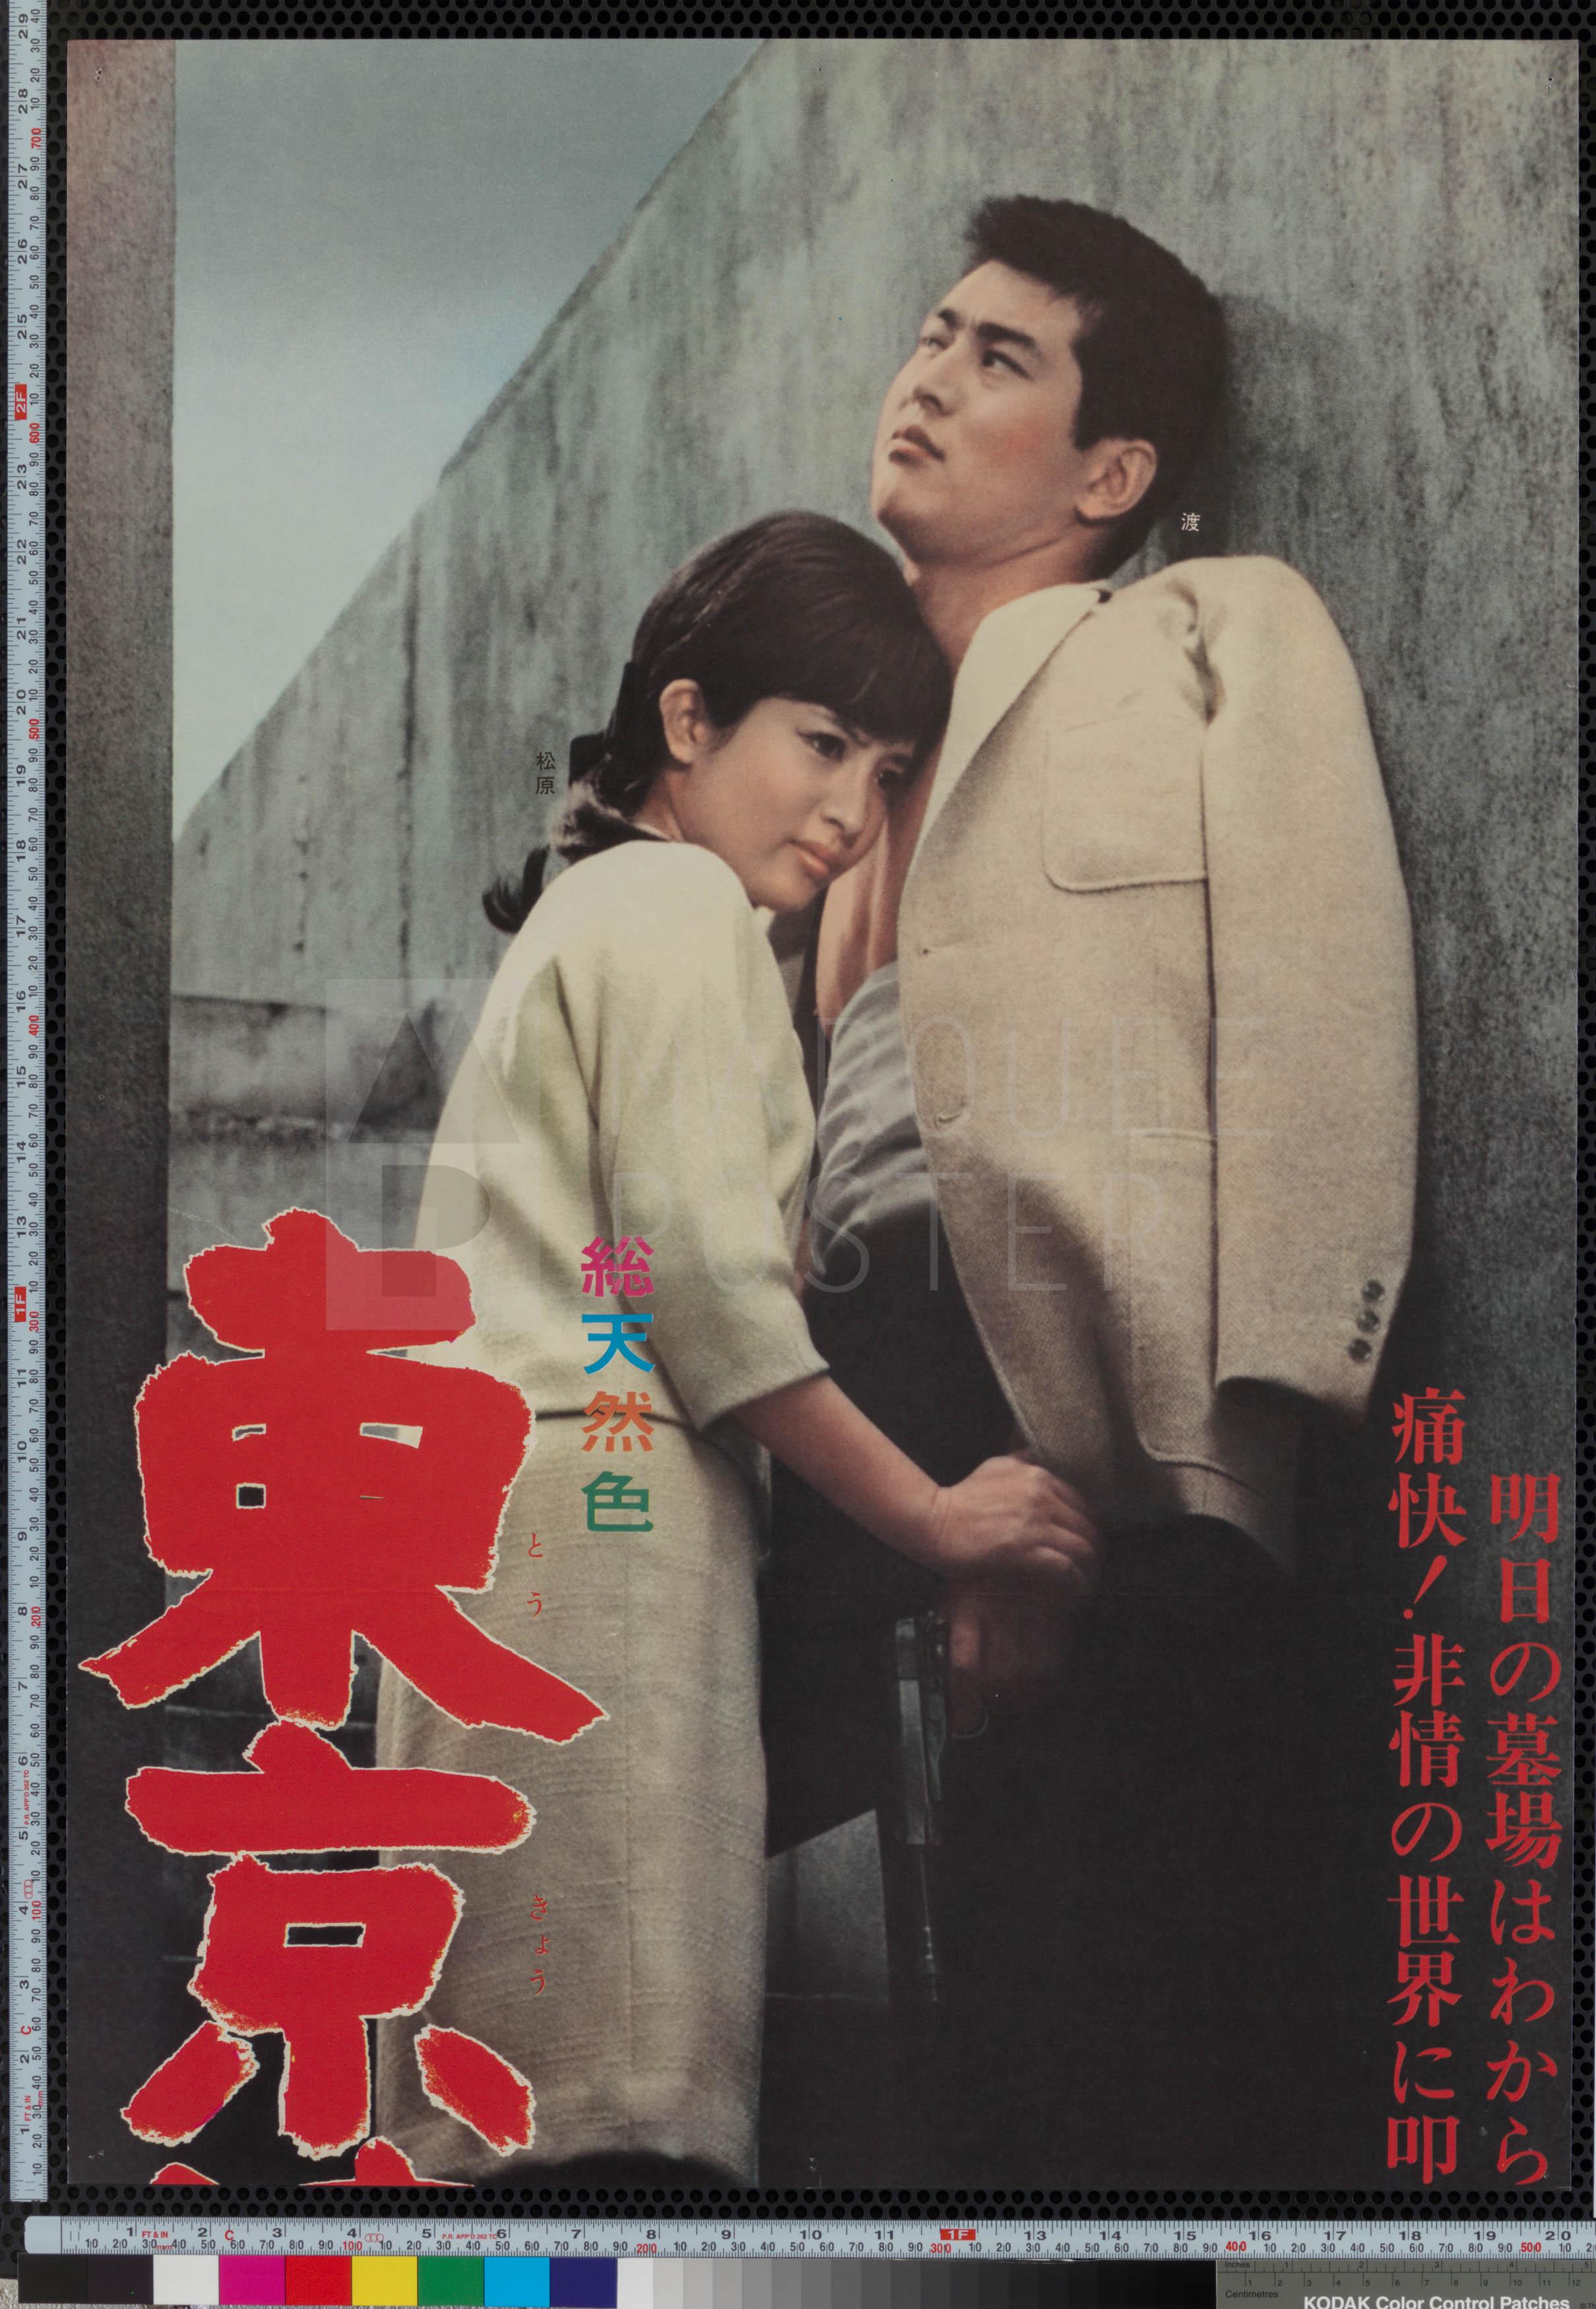 3-tokyo-drifter-japanese-stb-1966-02